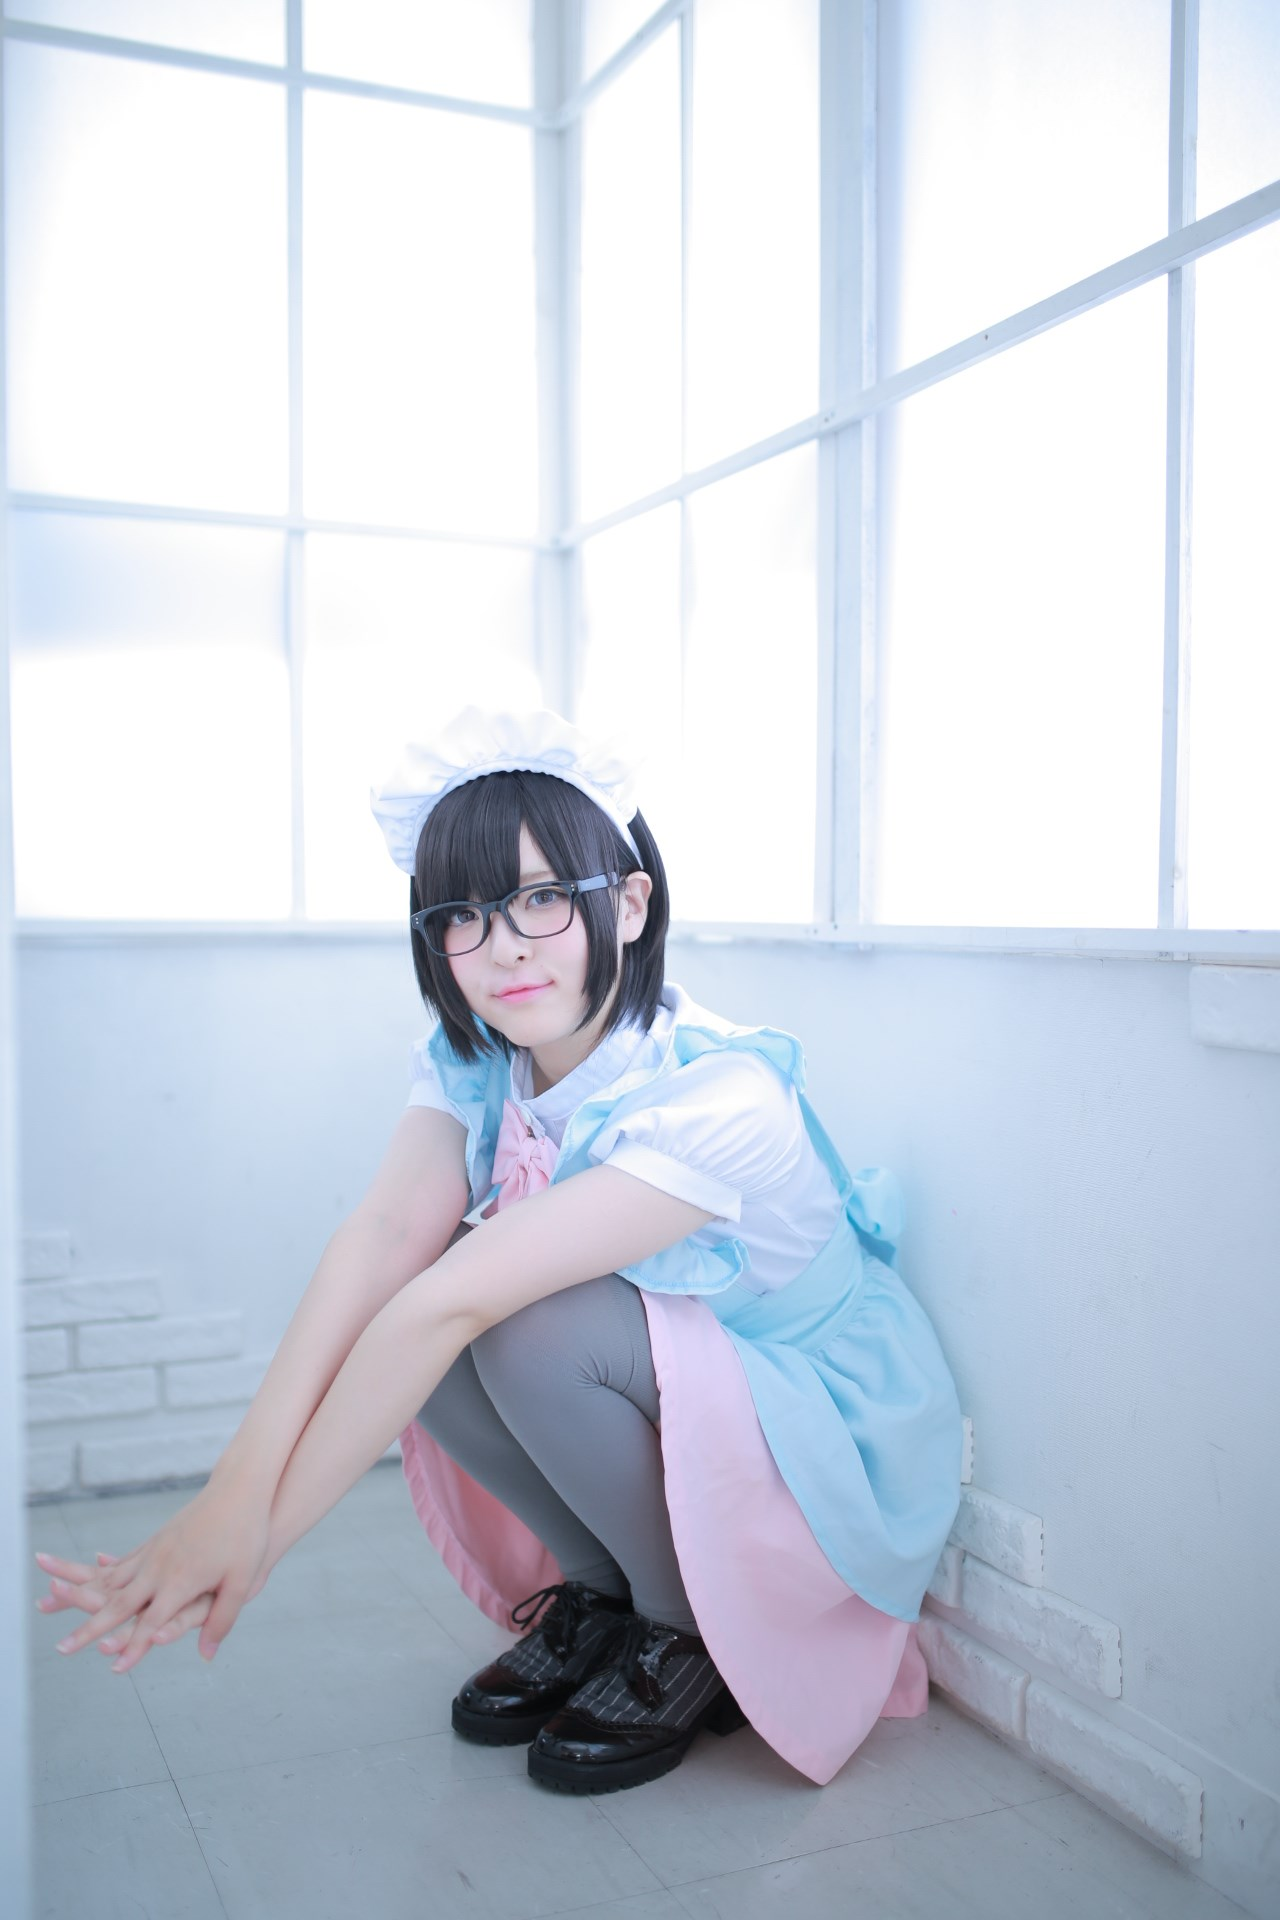 【兔玩映画】眼镜女仆 兔玩映画 第73张